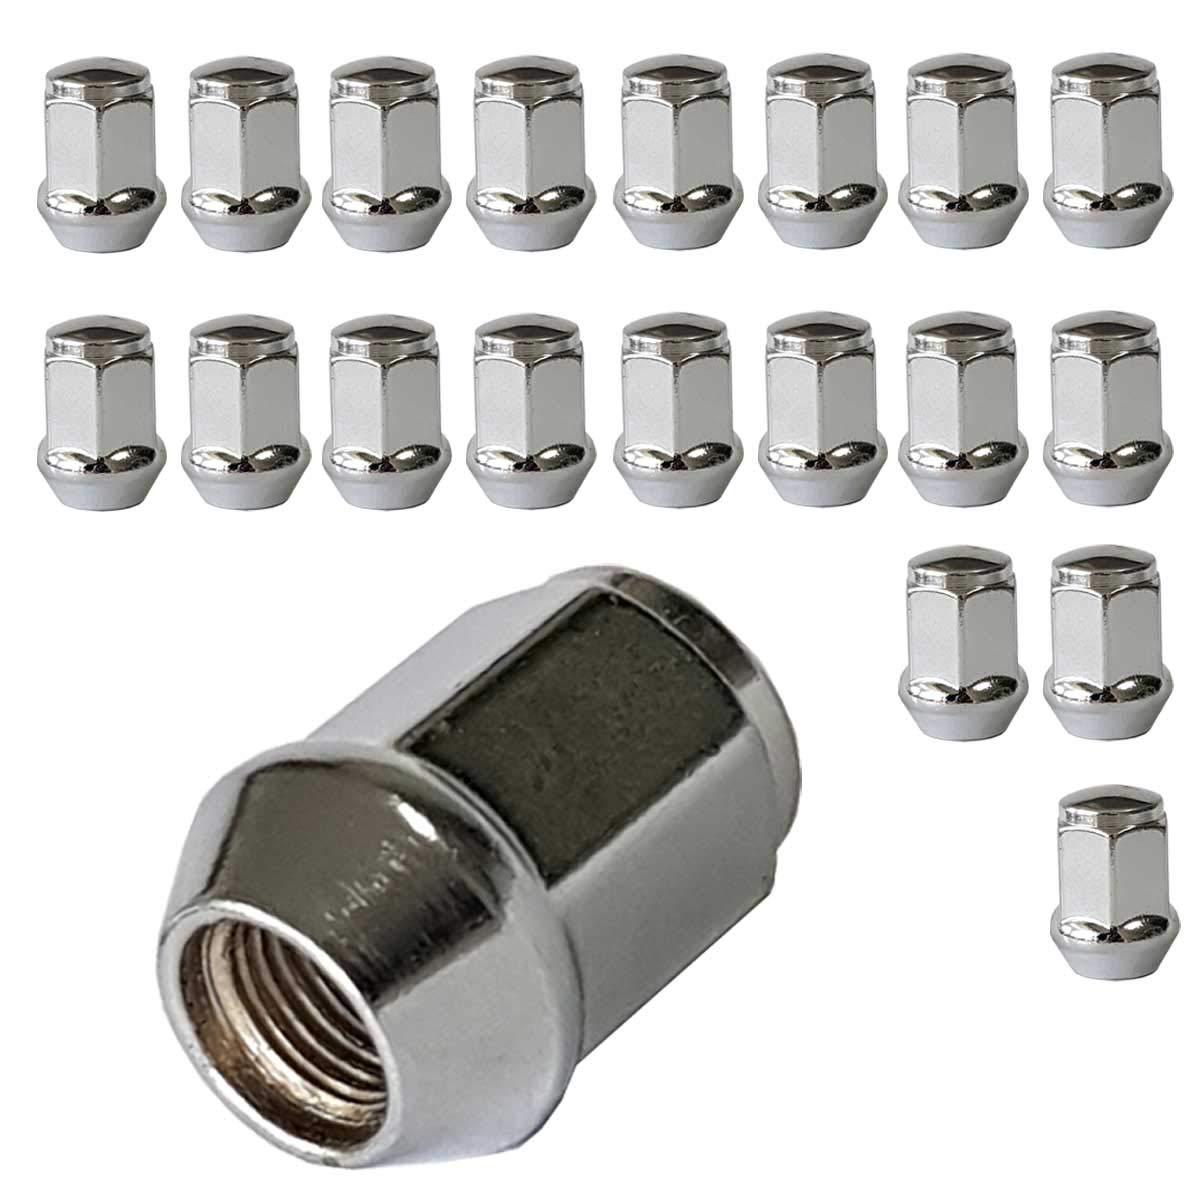 20 dadi conici per ruota chiusi M12 x 1,25 HEX19 SU LA